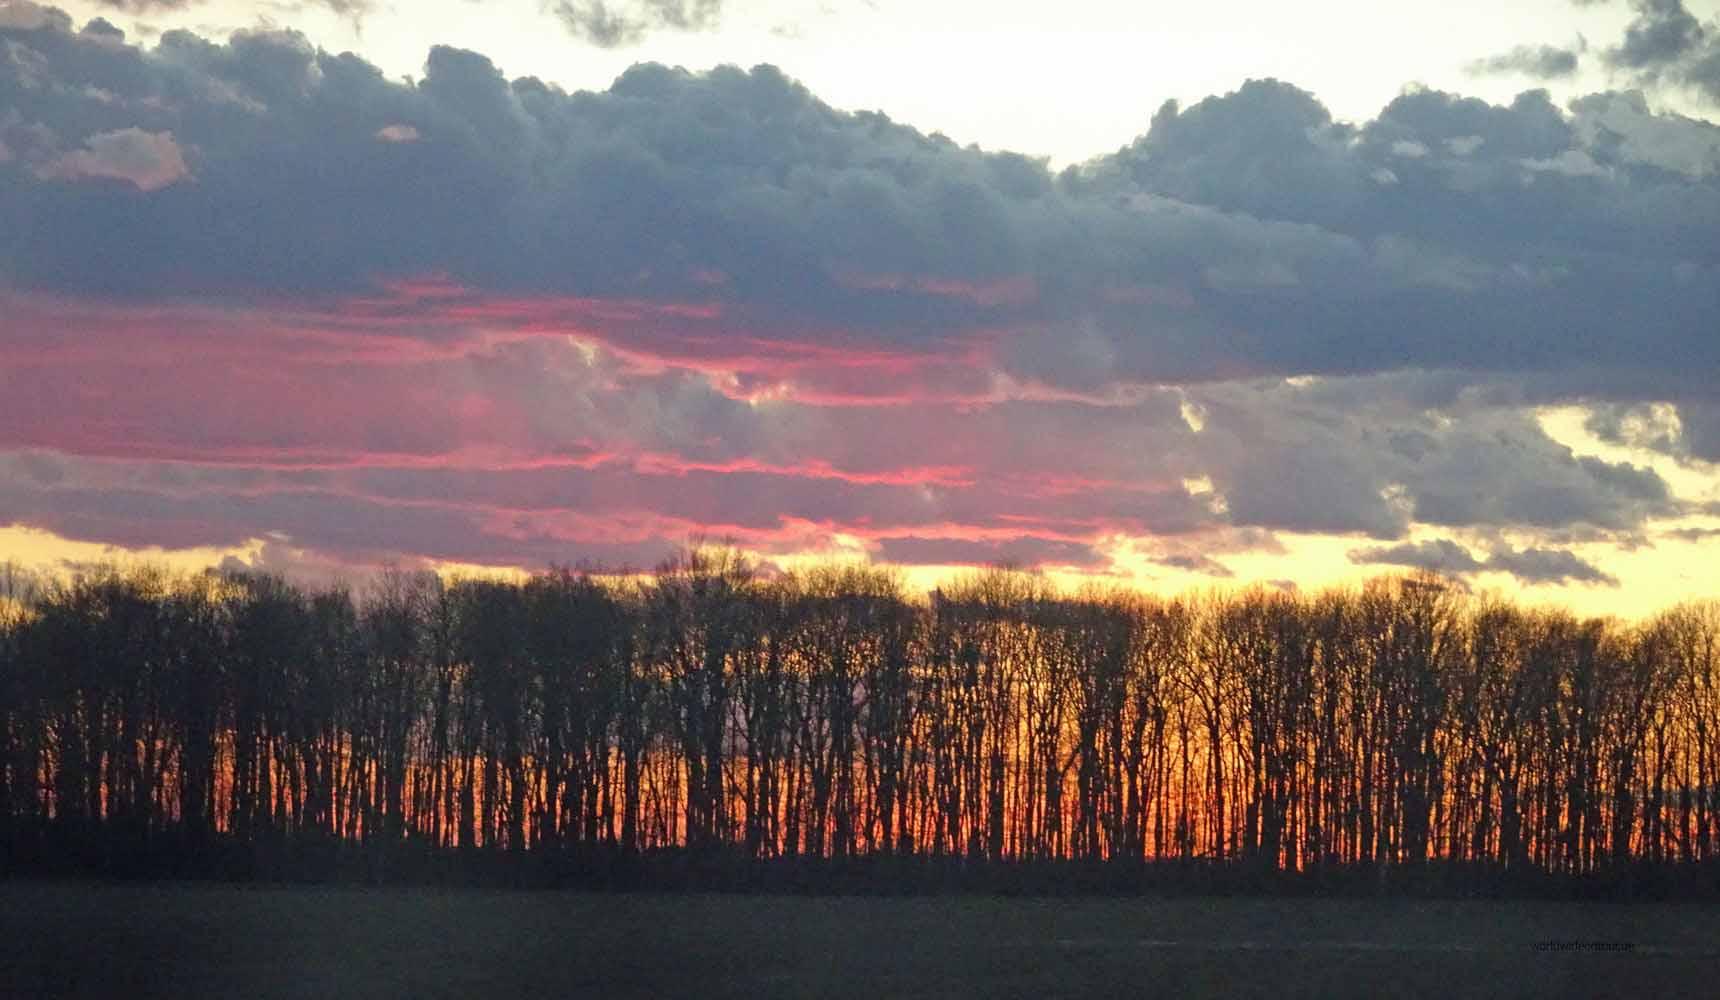 Sonnenuntergang Wald sab_bearbeitet-1of